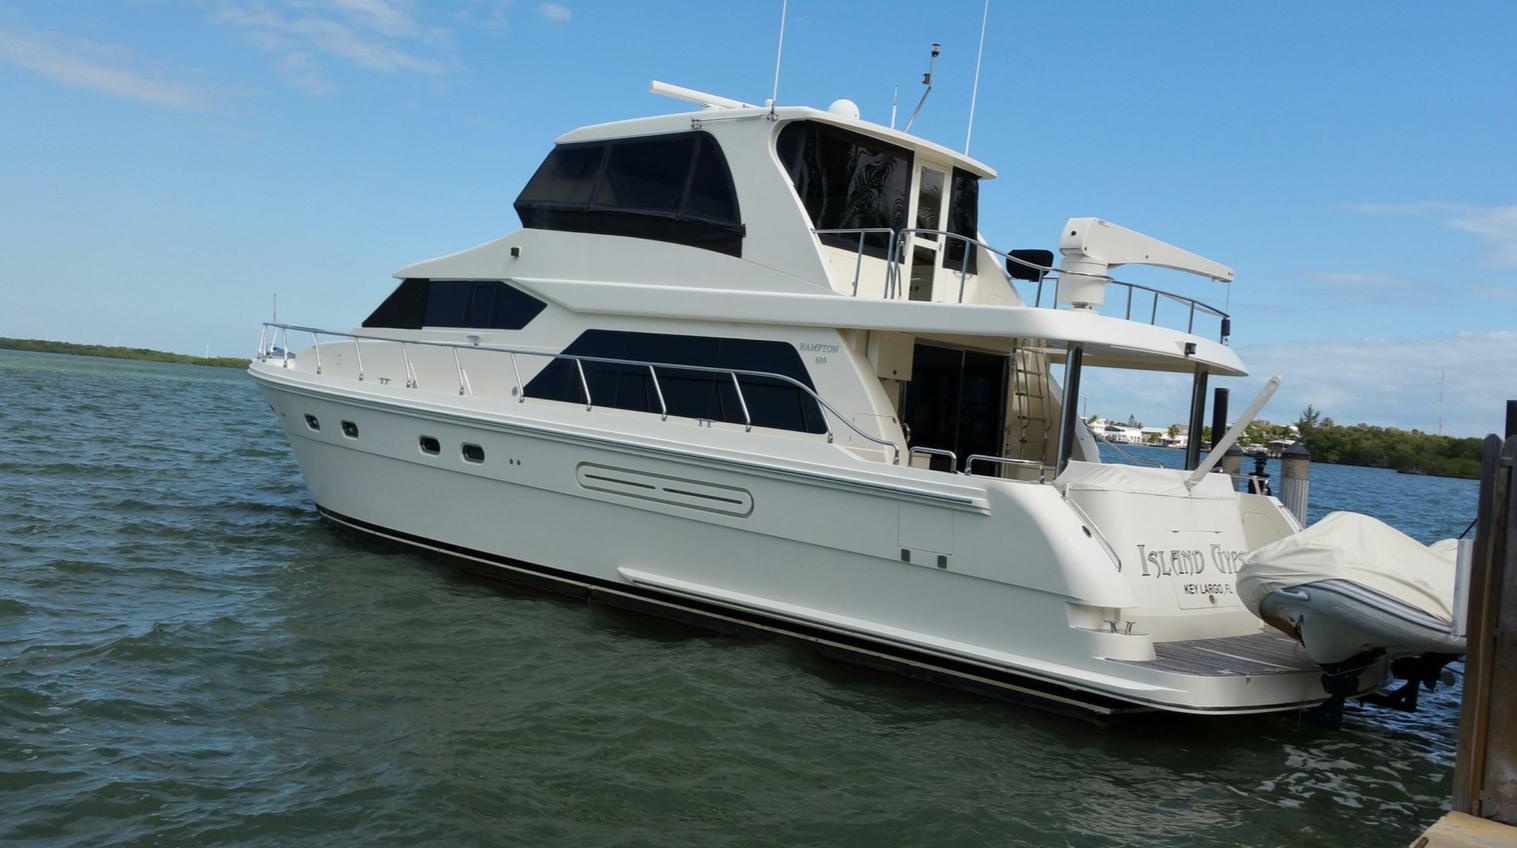 2008 Model Hampton 63' - ISLAND GYPSY